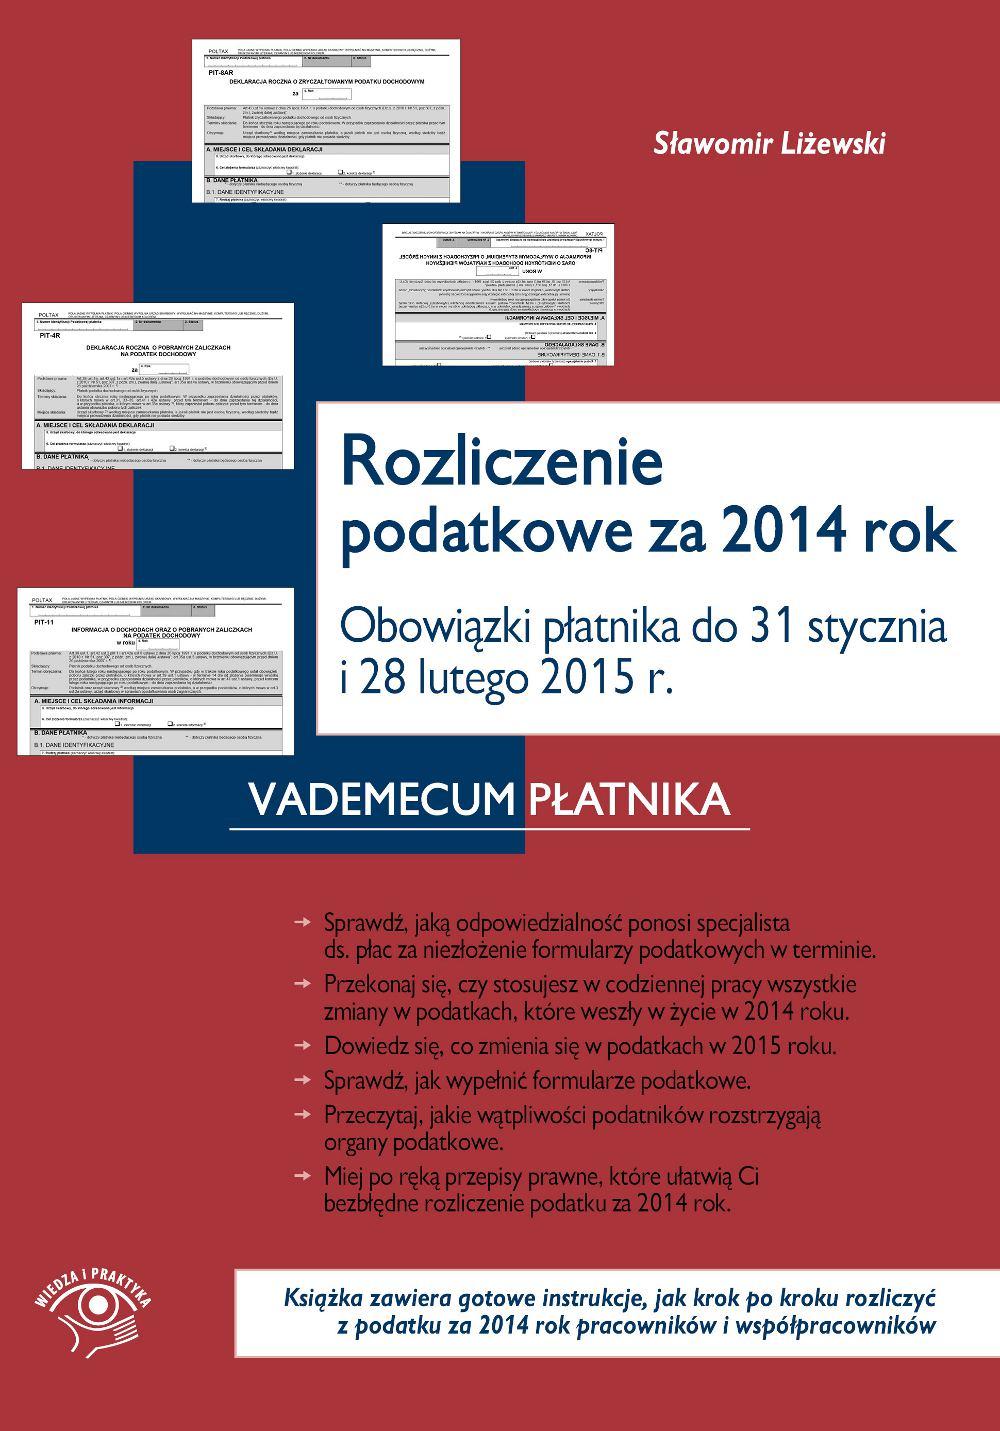 Rozliczenie podatkowe za 2014 rok Obowiązki płatnika do końca stycznia i końca lutego 2015 r. - Ebook (Książka EPUB) do pobrania w formacie EPUB